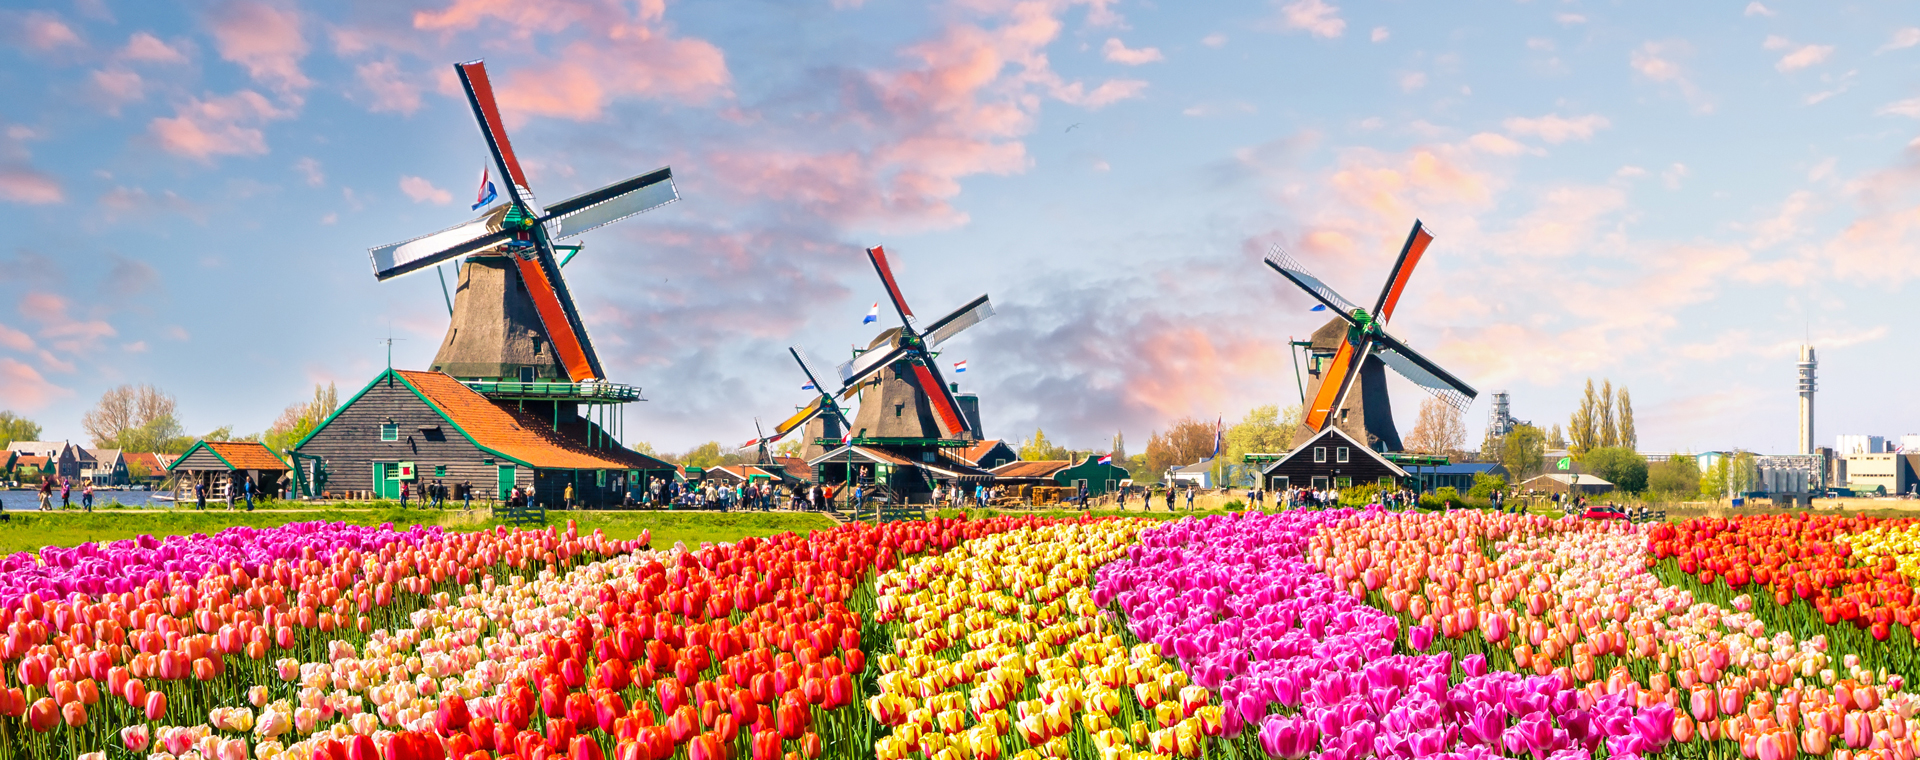 Image La Hollande et ses tulipes, c'est Magnifique !